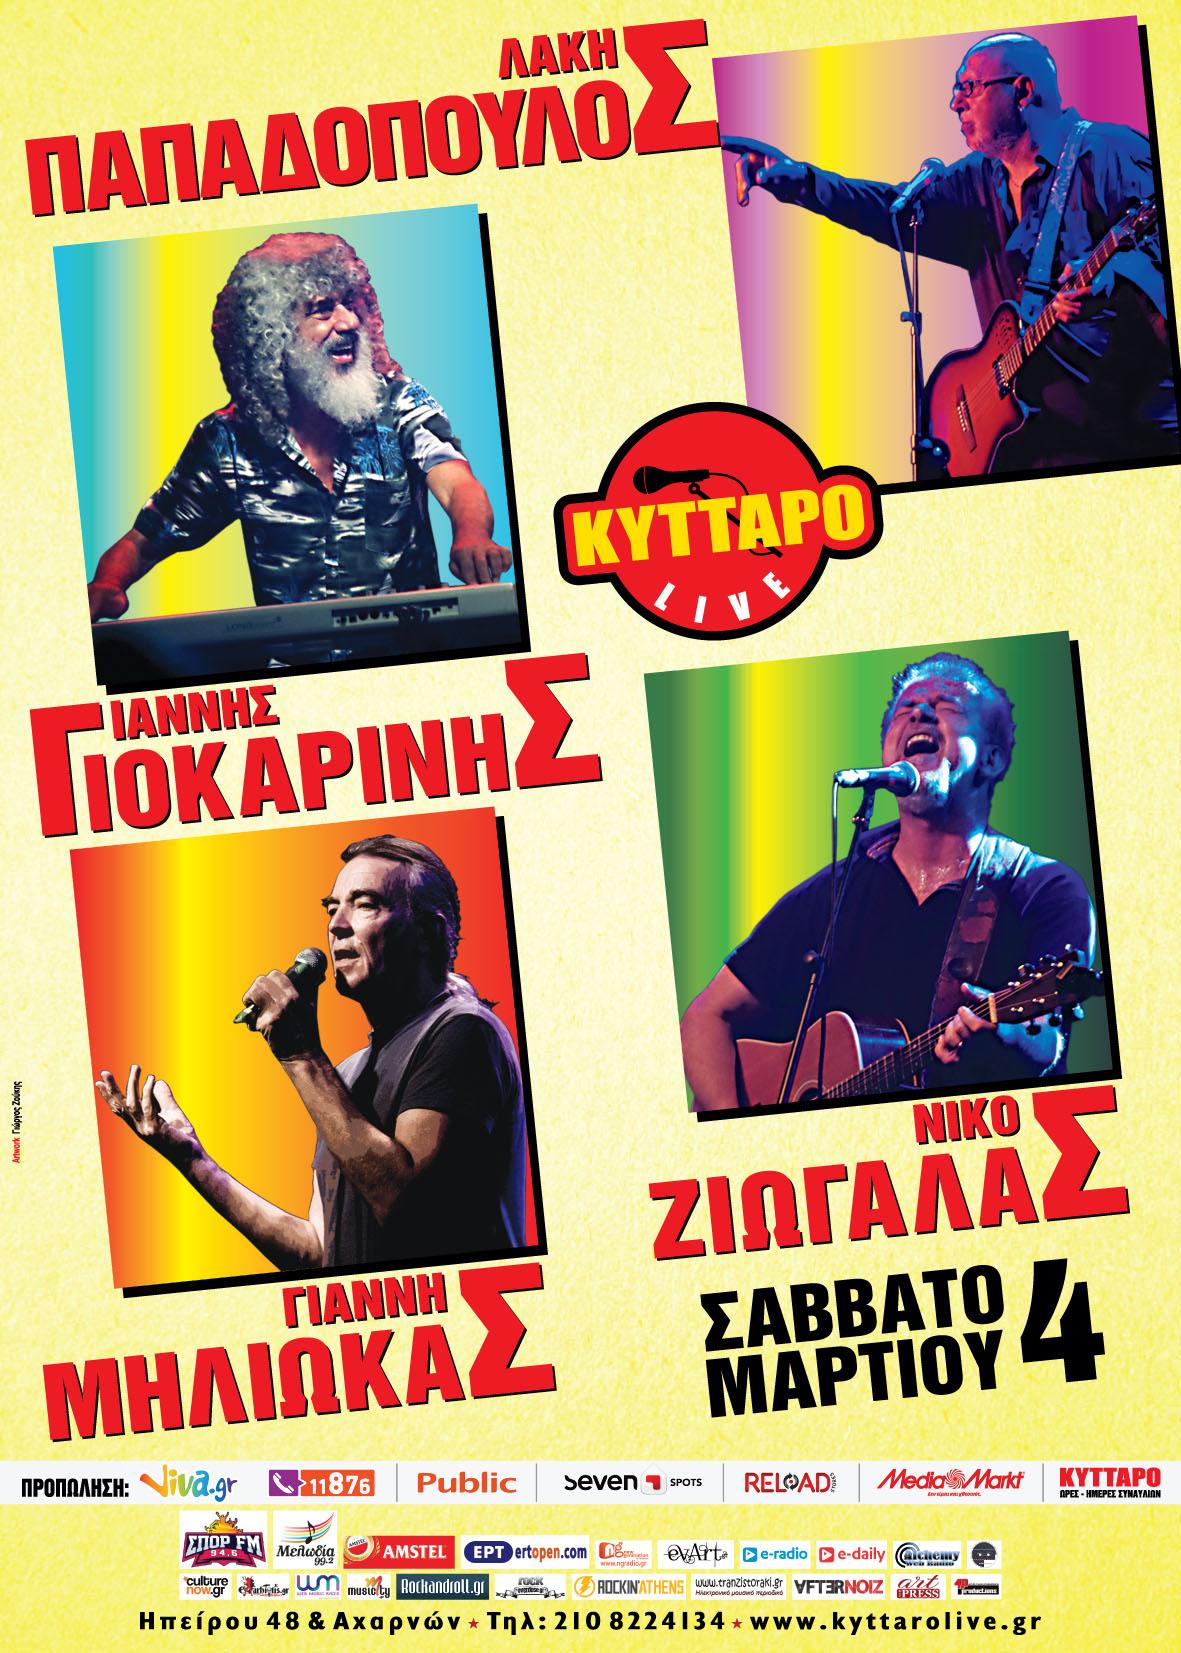 Kyttaro Live 4 March_1.cdr